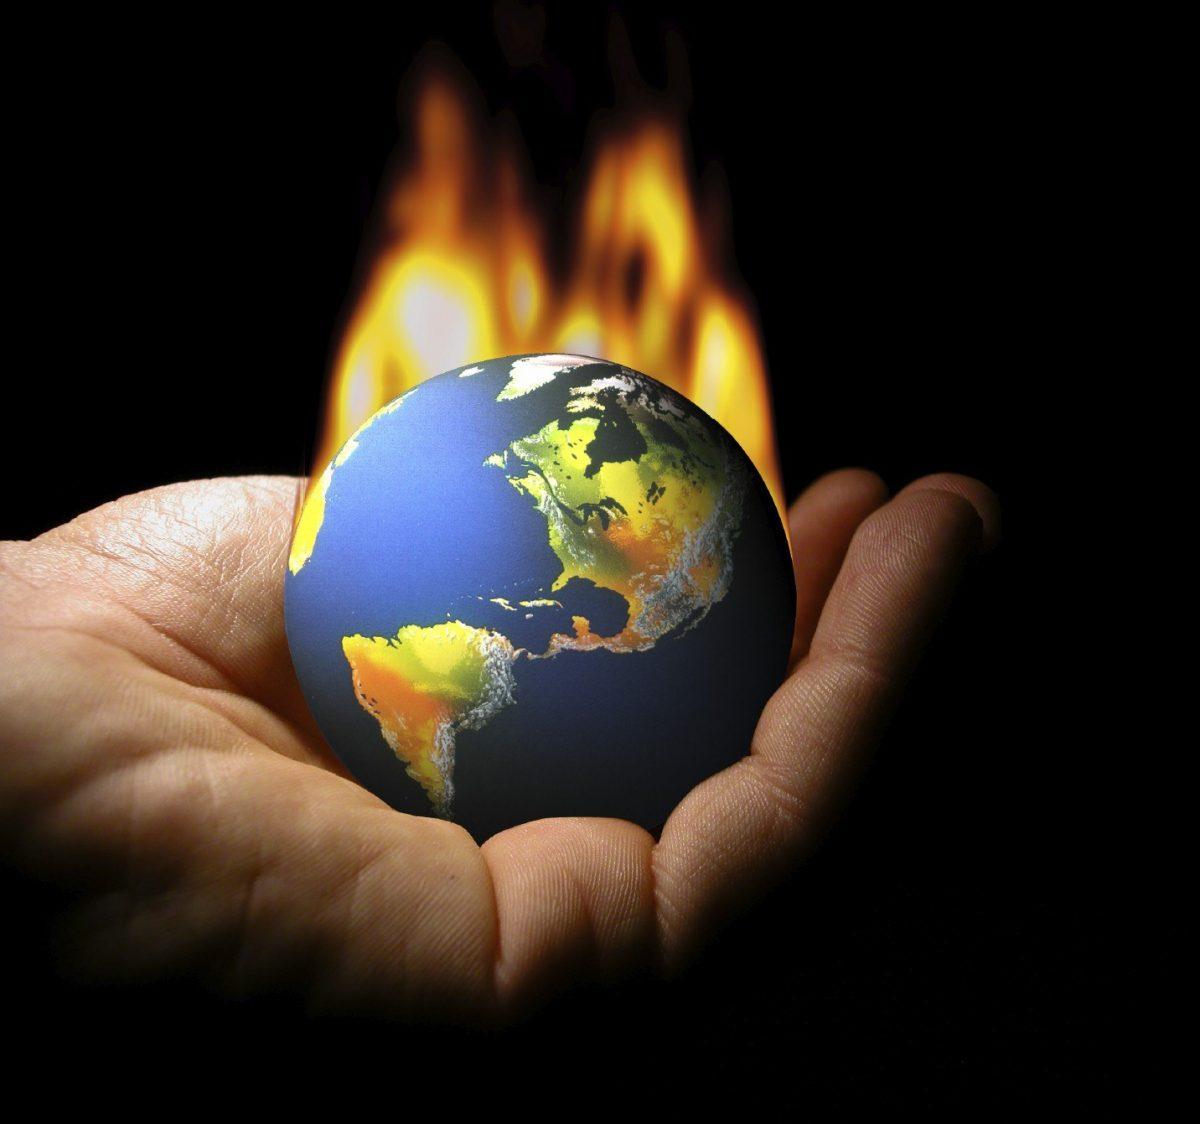 La última década es la más caliente registrada hasta la fecha según la ONU